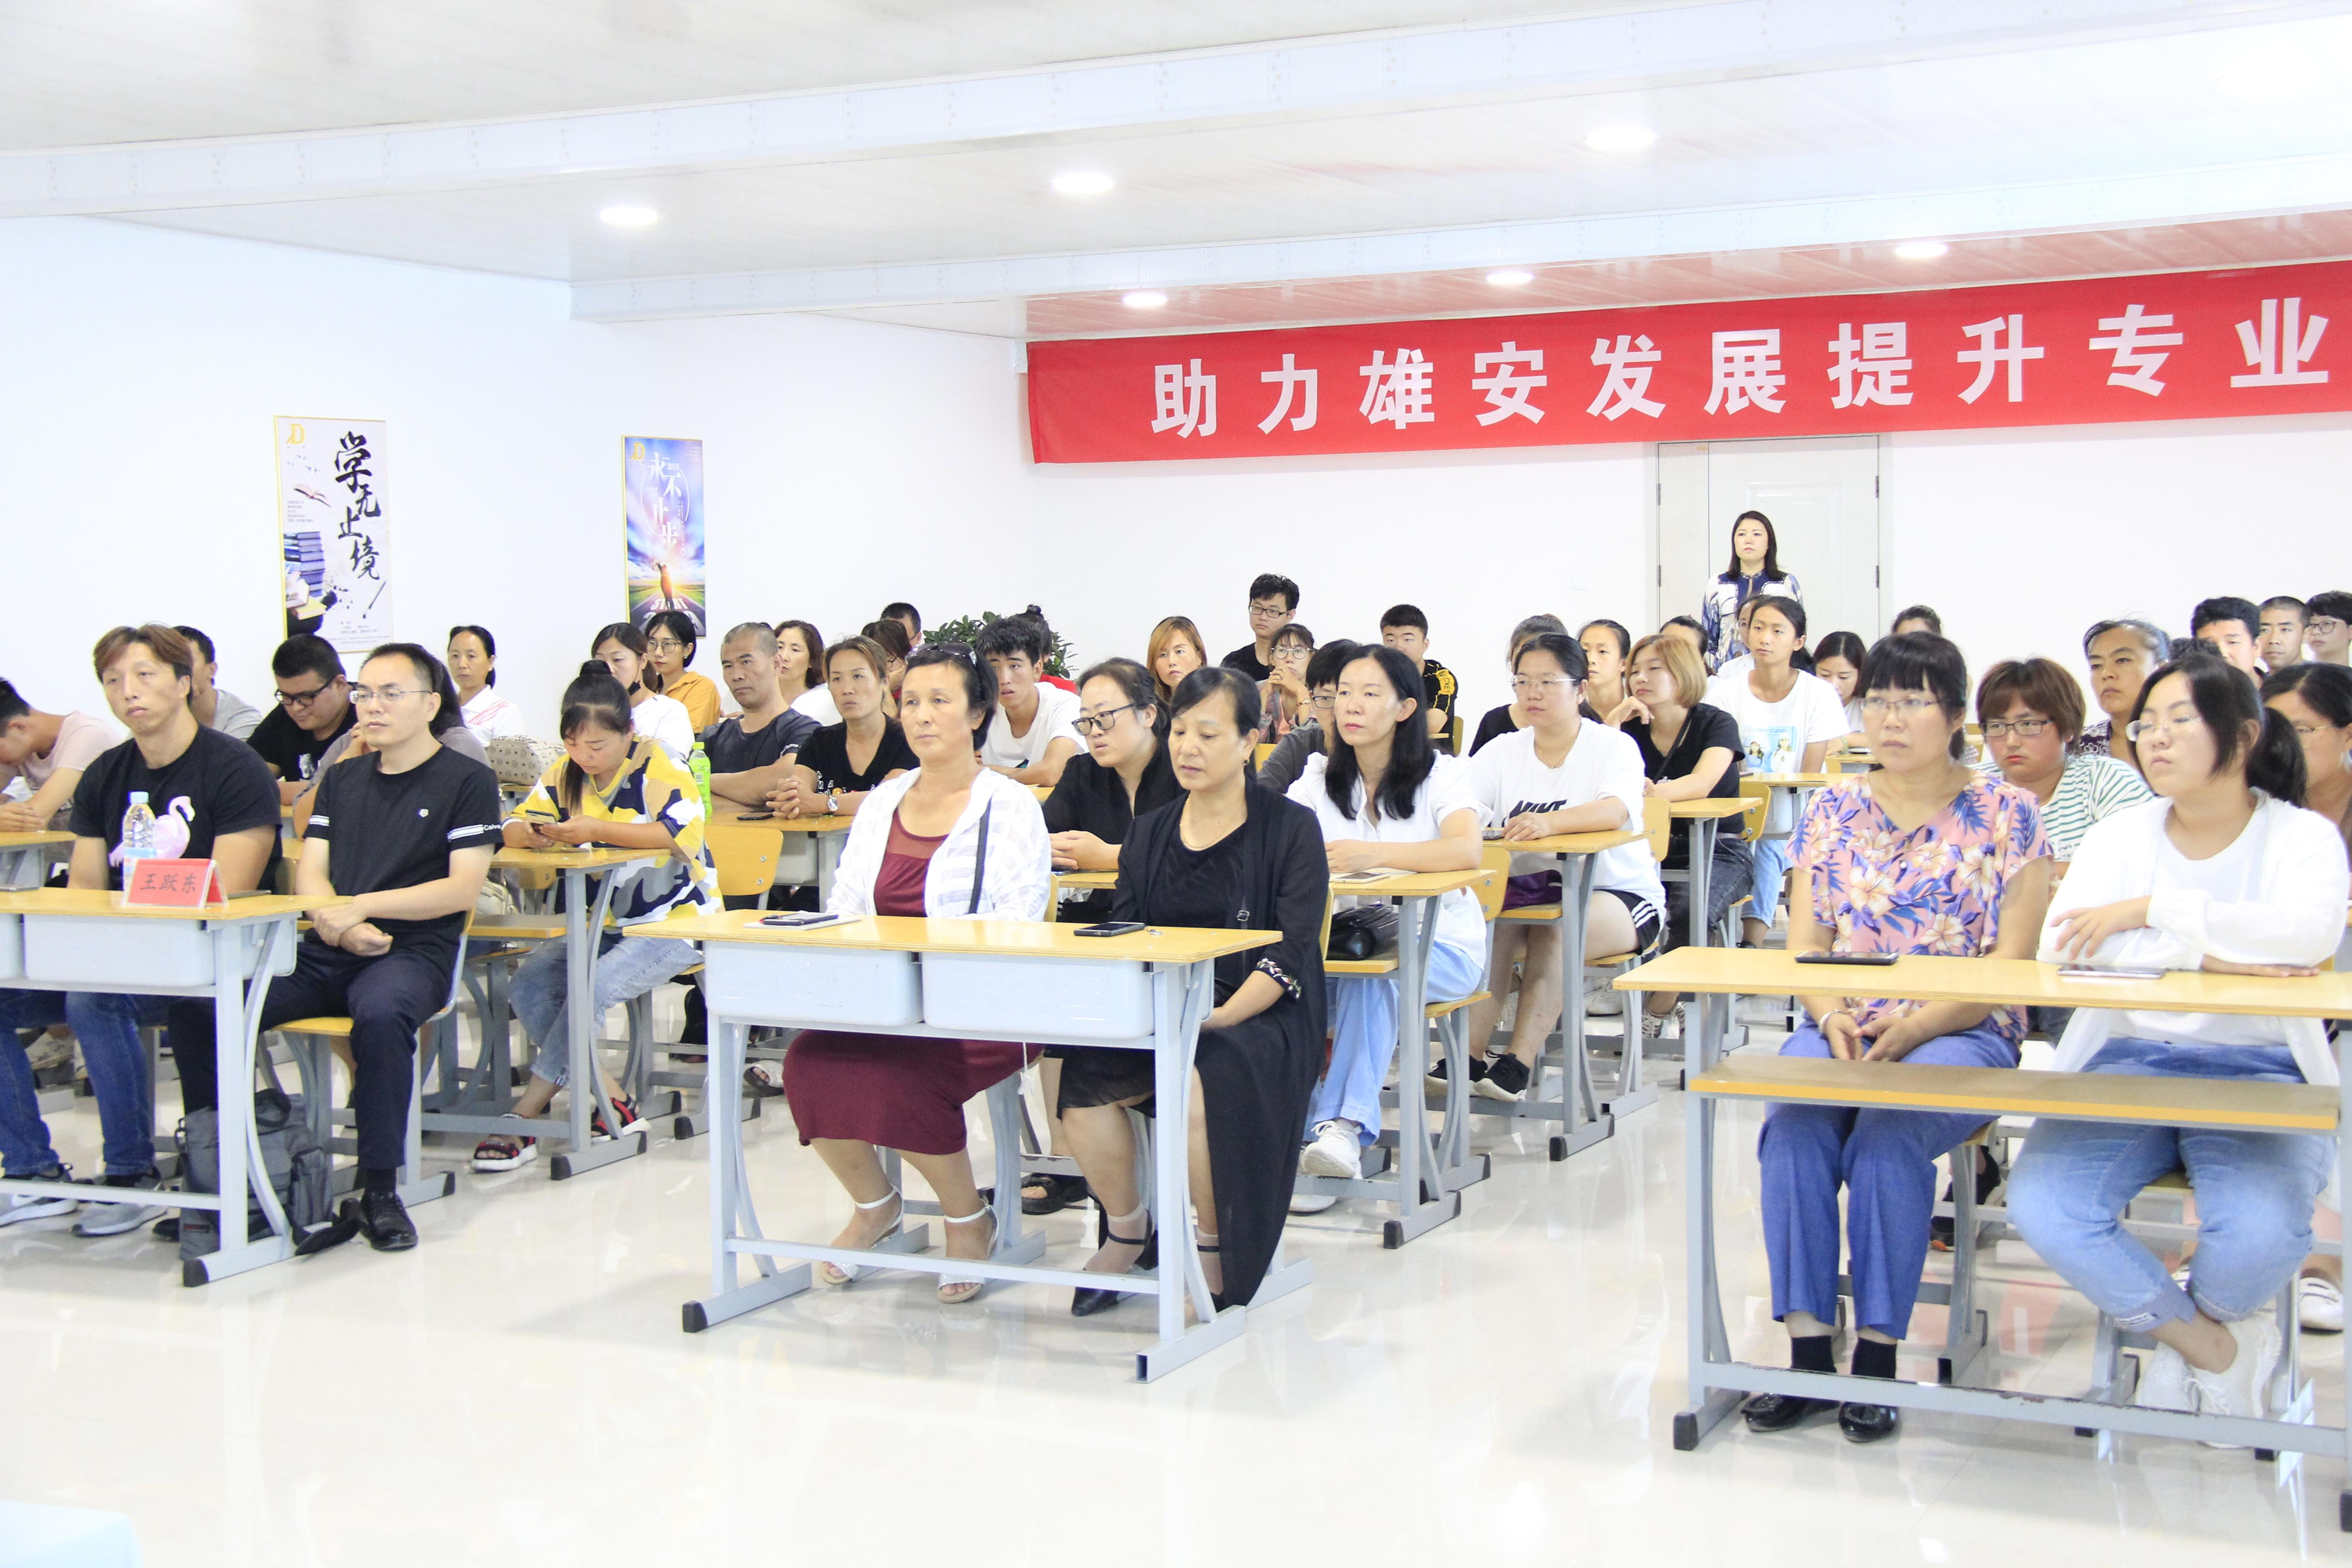 容城县创一职业培训学校轮播图